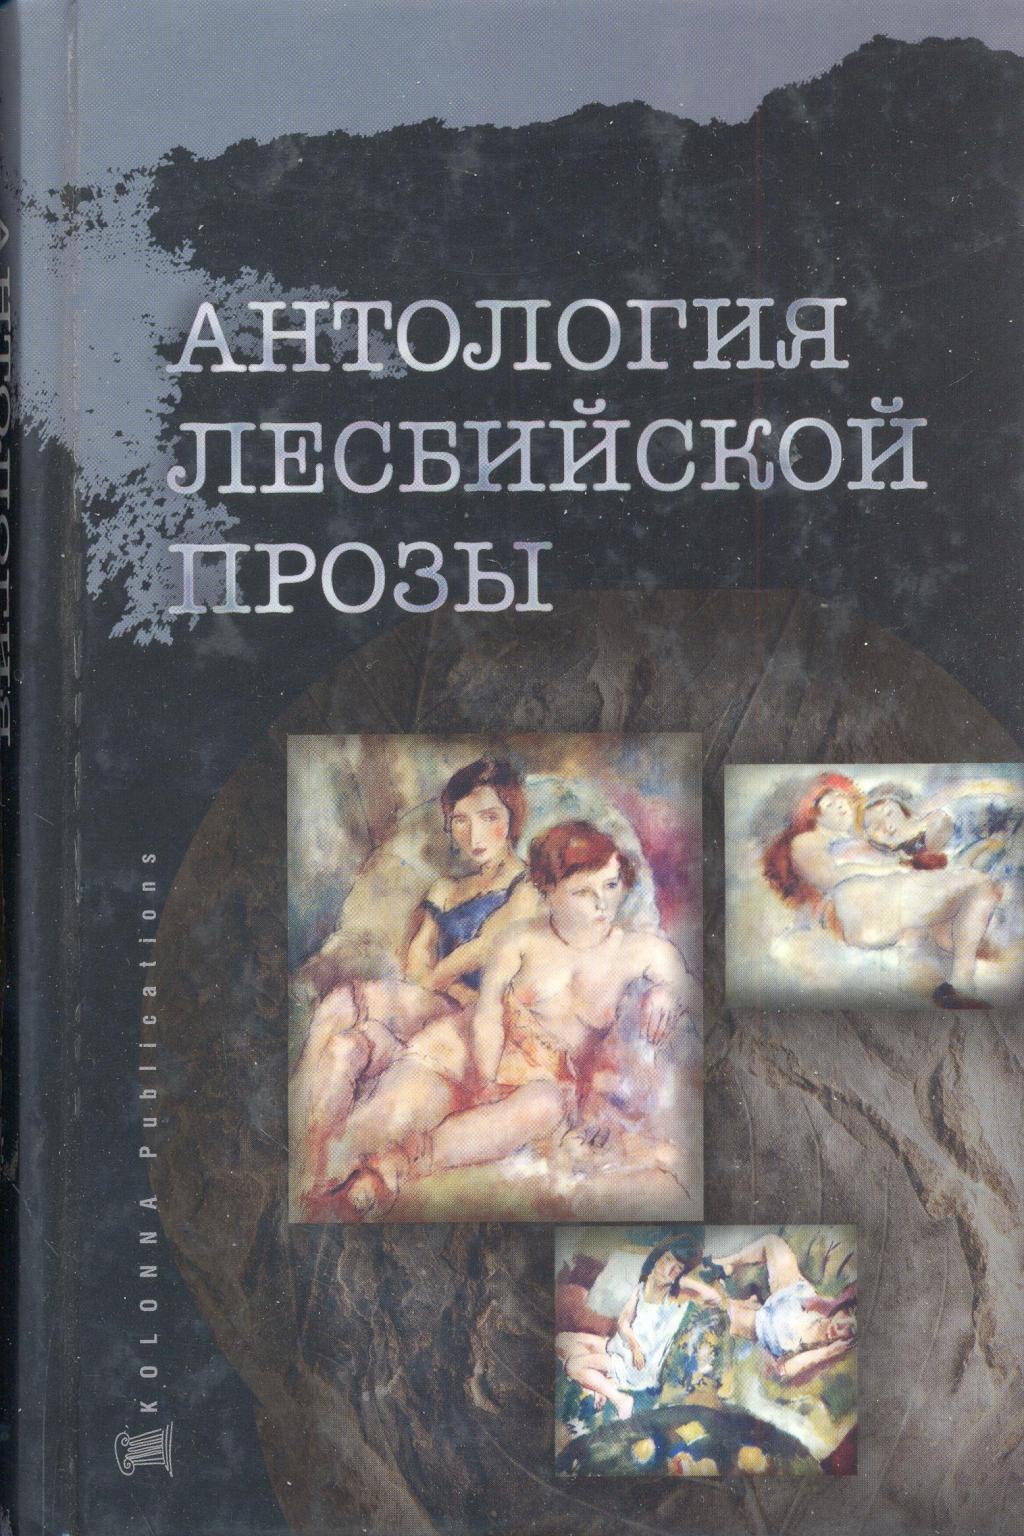 sborniki-eroticheskoy-prozi